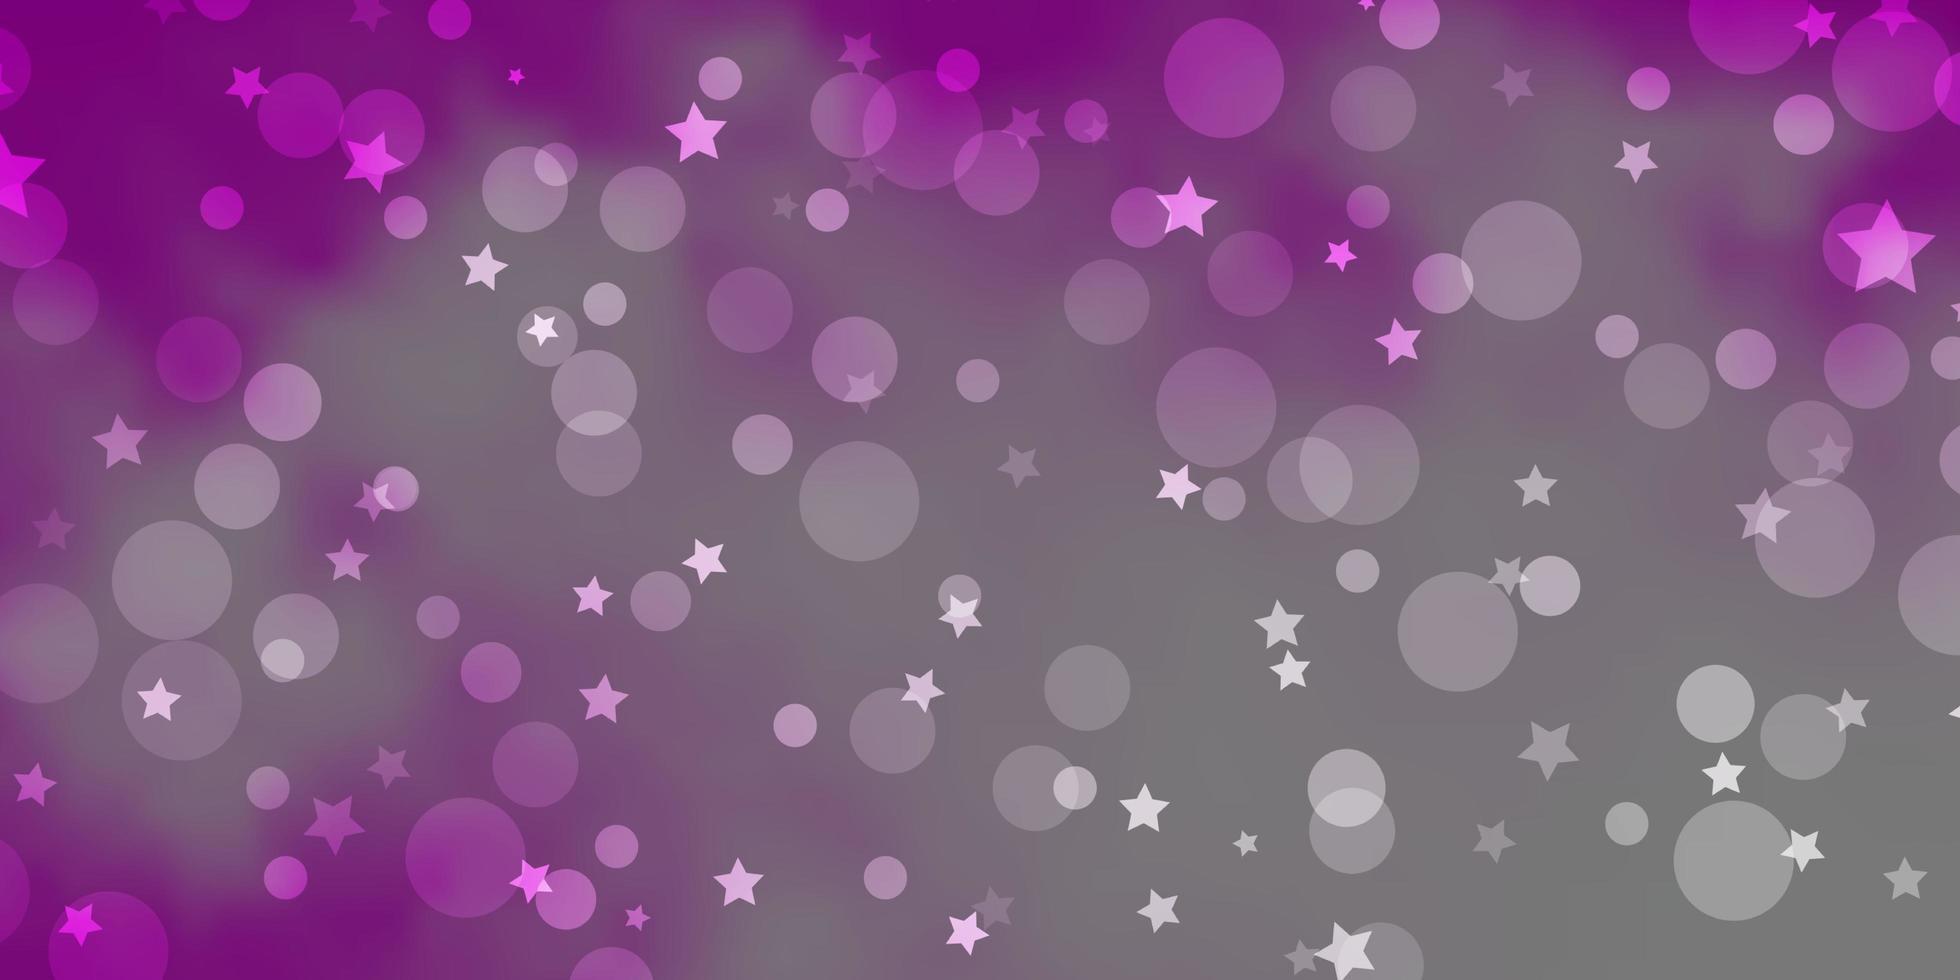 modèle vectoriel rose clair avec des cercles, des étoiles.